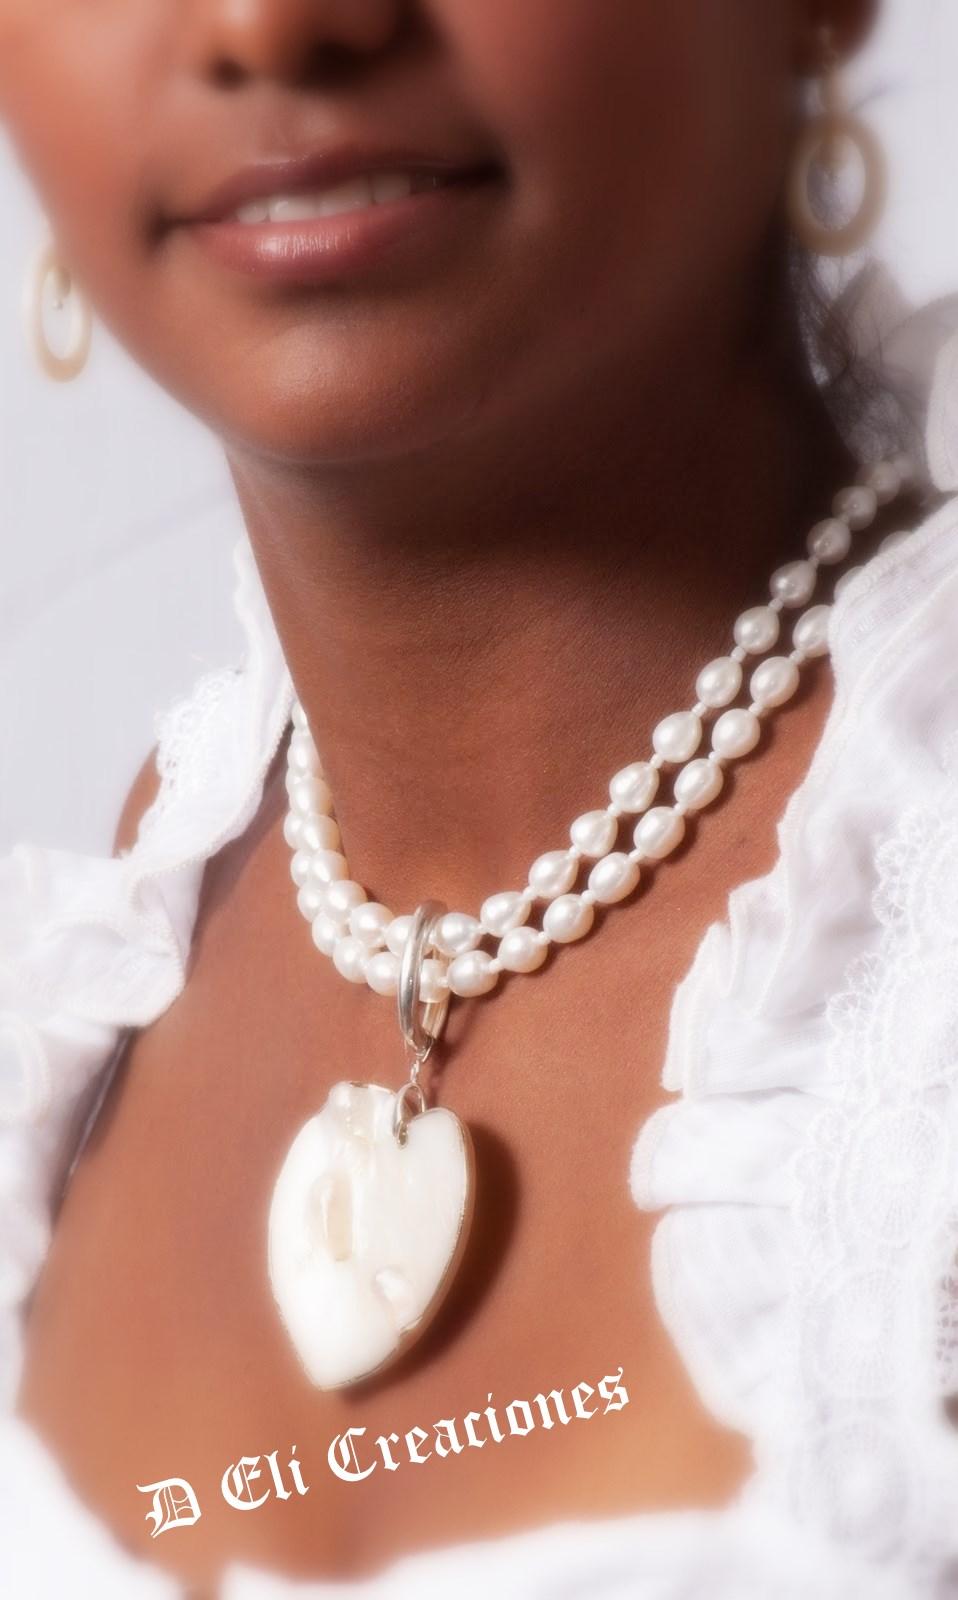 5089c0333cb7 D´Eli Creaciones  Collar perlas y nácar.